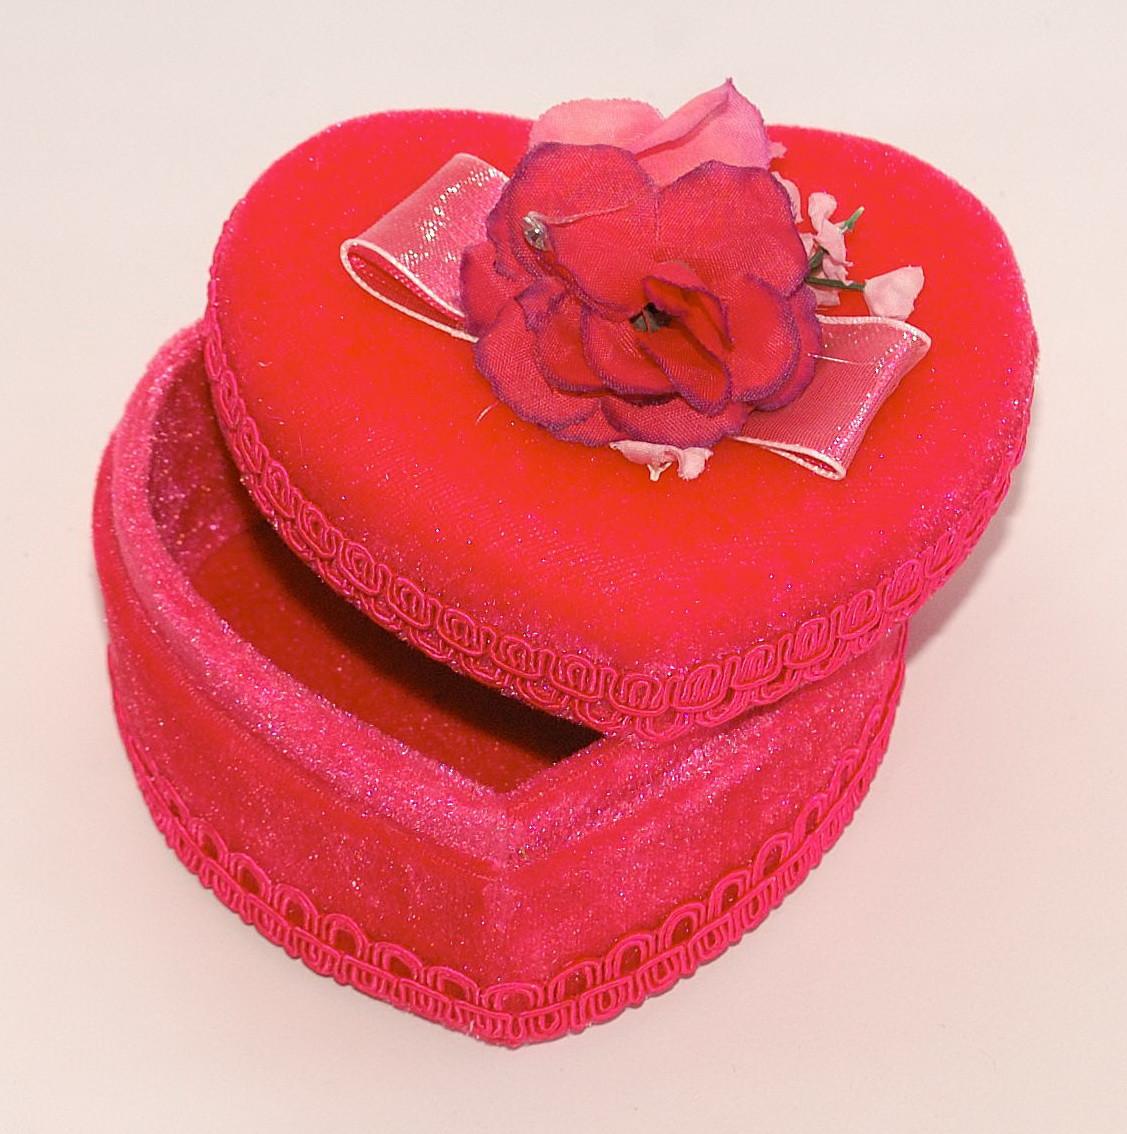 Скринька у формі сердечка з трояндочкою